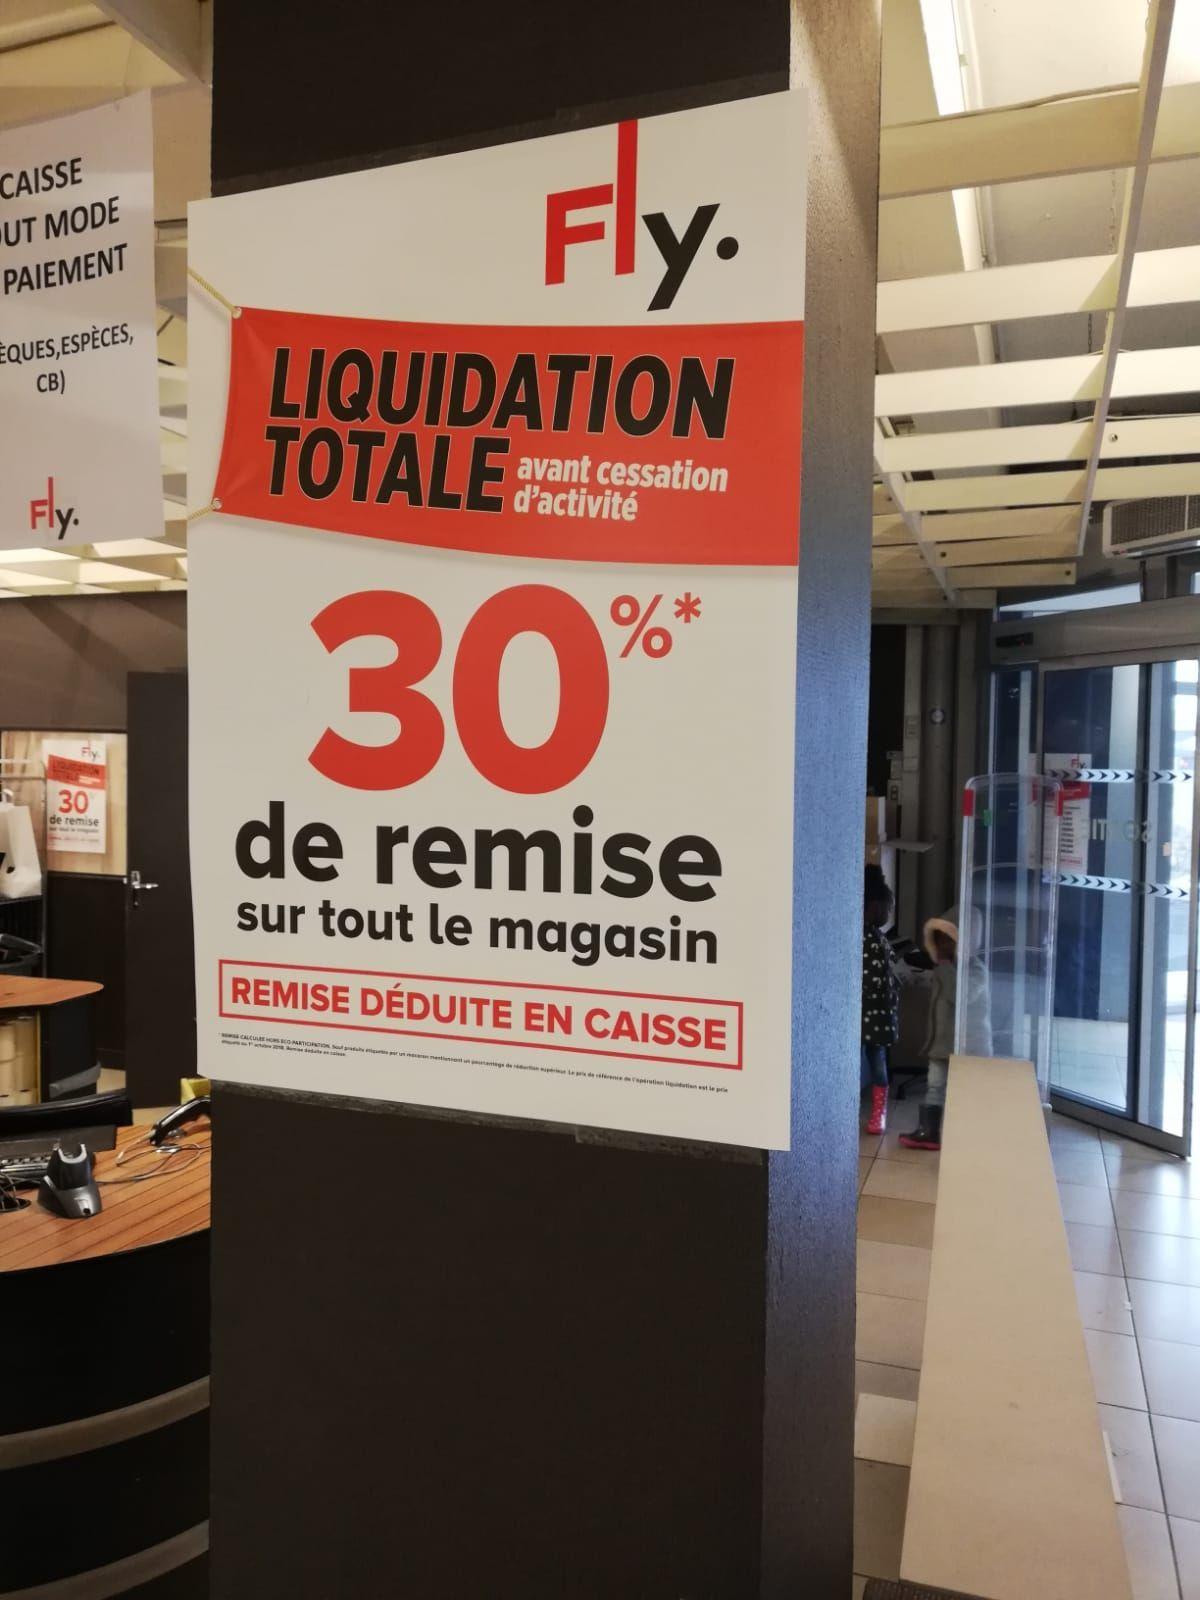 30% de réduction sur tout le magasin - Créteil pompadour (94)